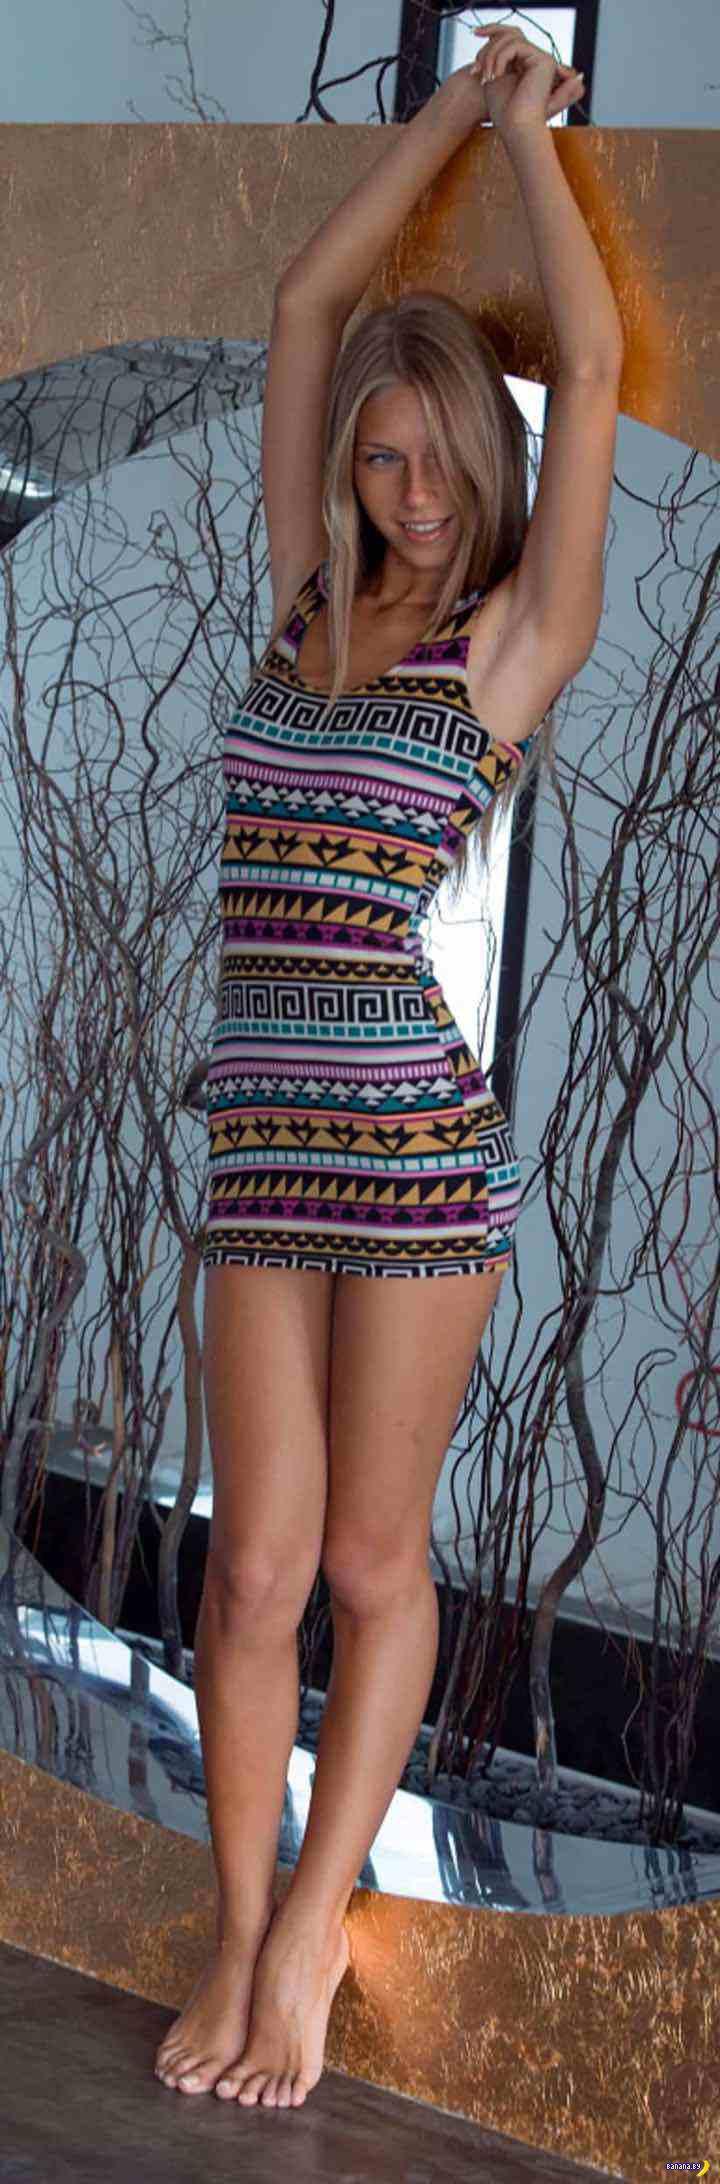 Вопросы к длине юбок и платьев!